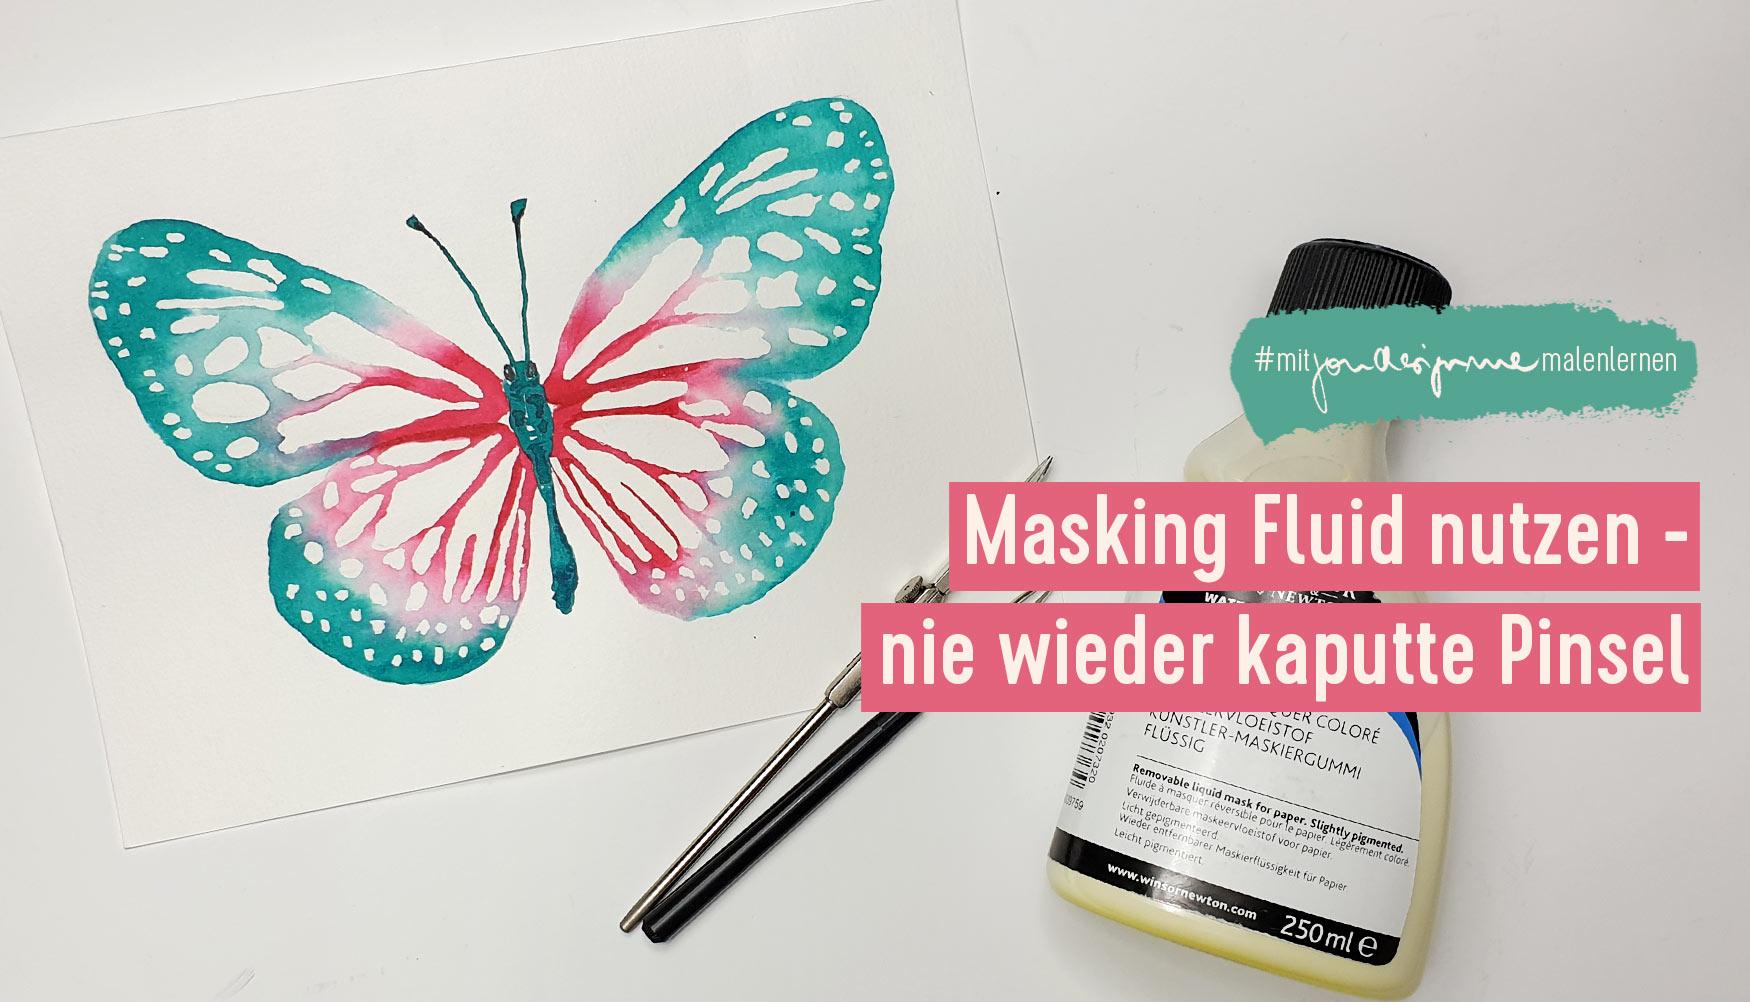 Masking Fluid - nie wieder kaputte Pinsel